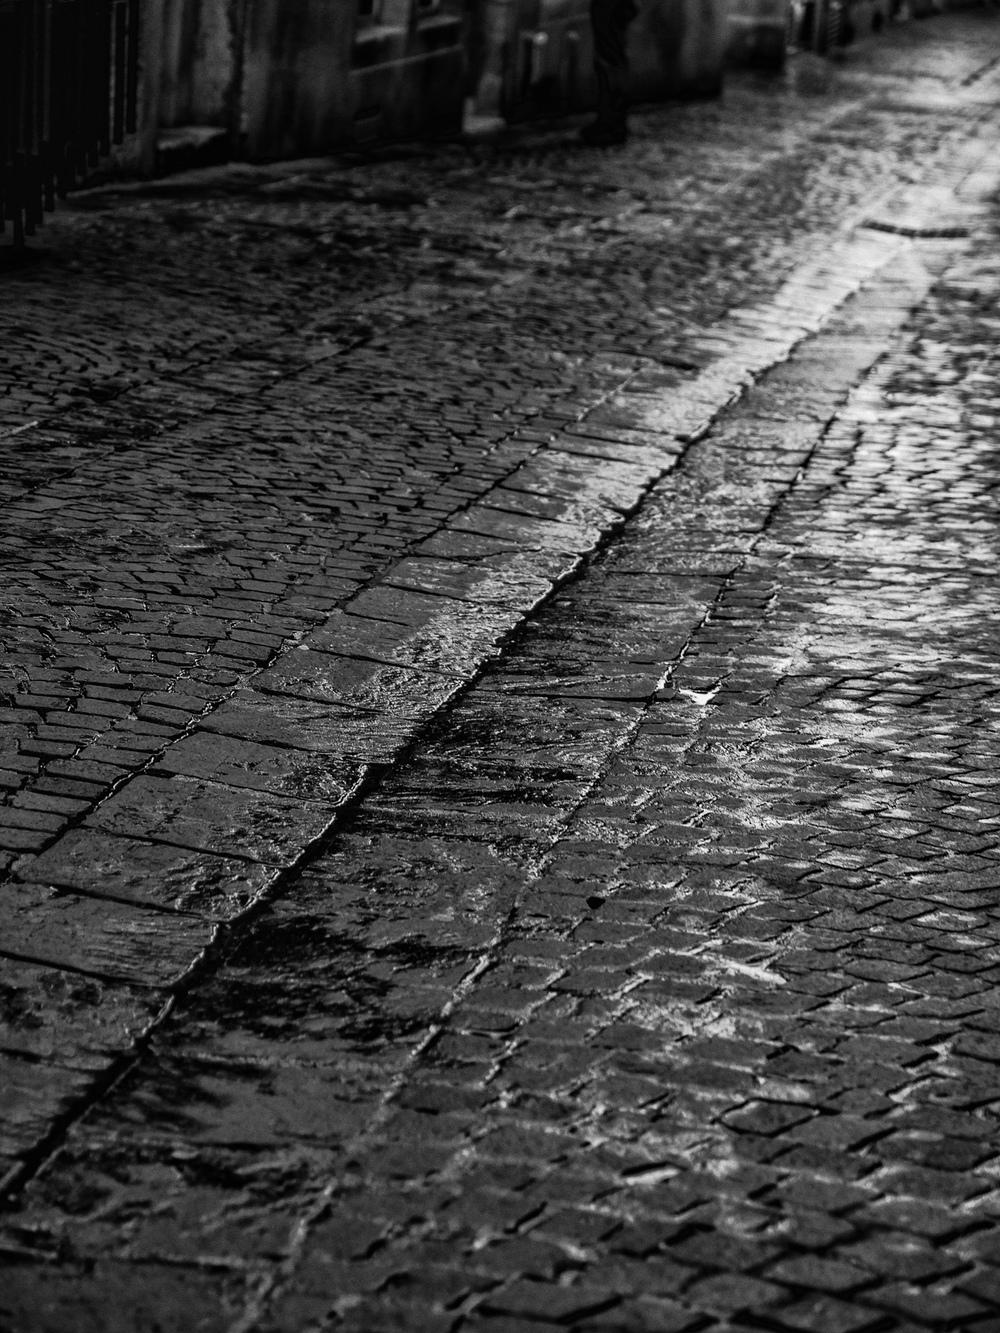 jorgbecker - STREET